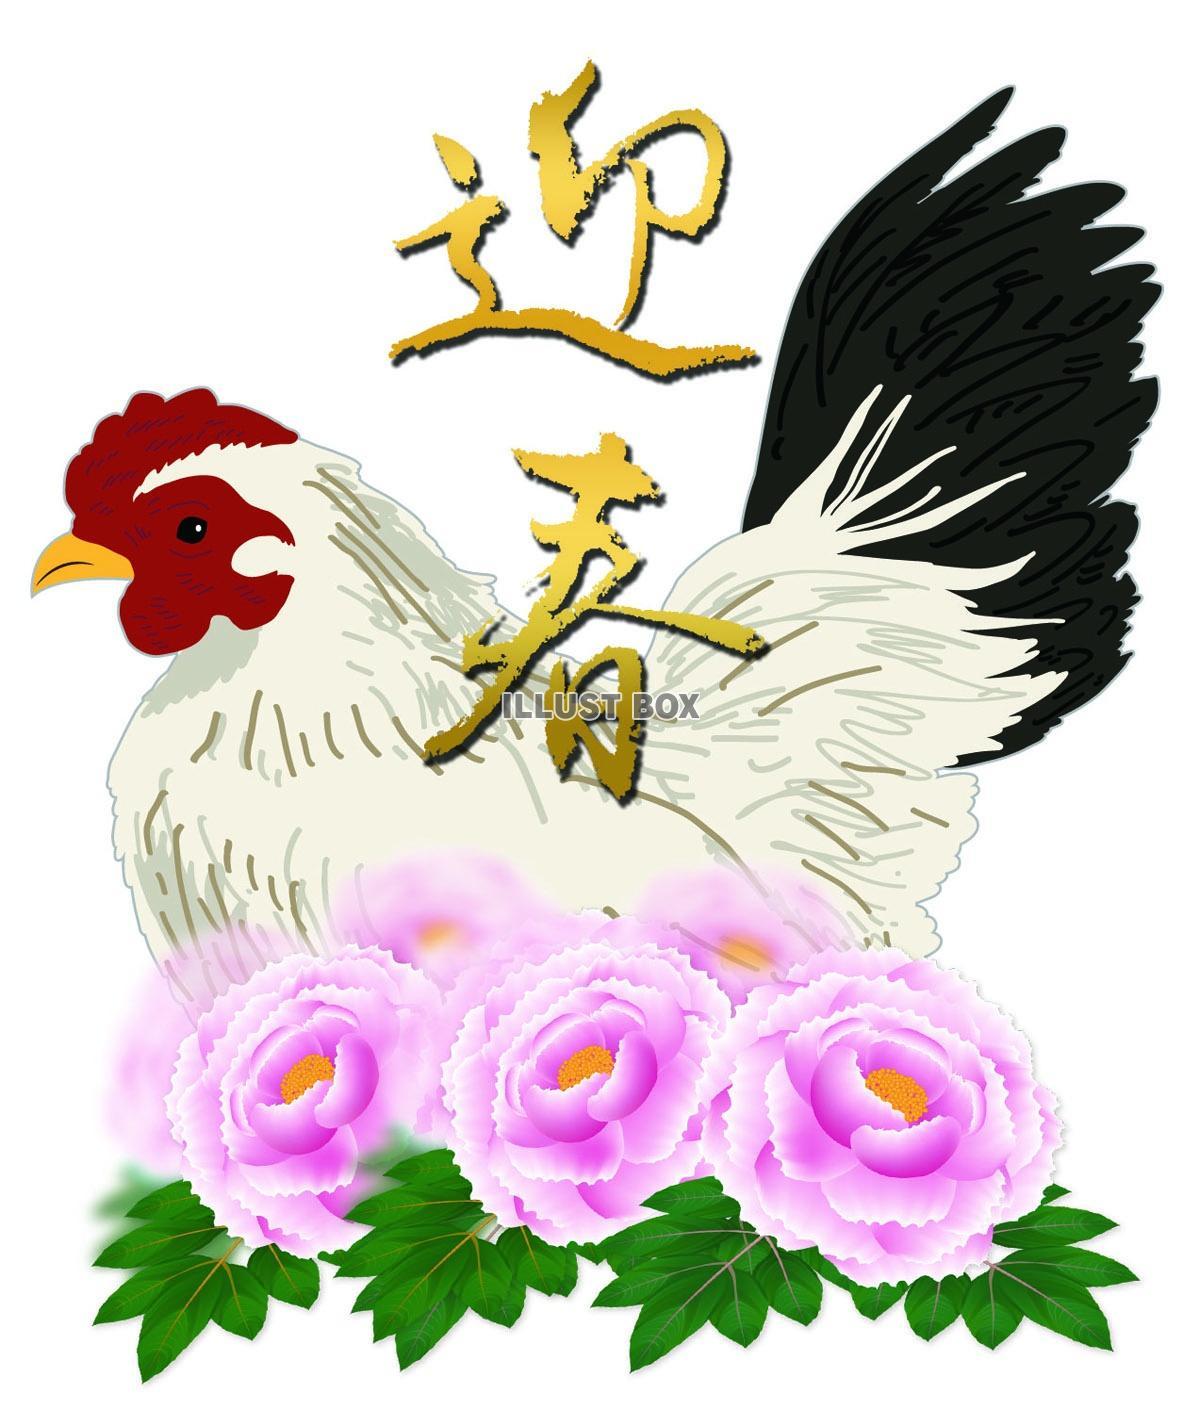 無料イラスト 迎春 チャボの雌 牡丹 【年賀状素材】 2017 酉年